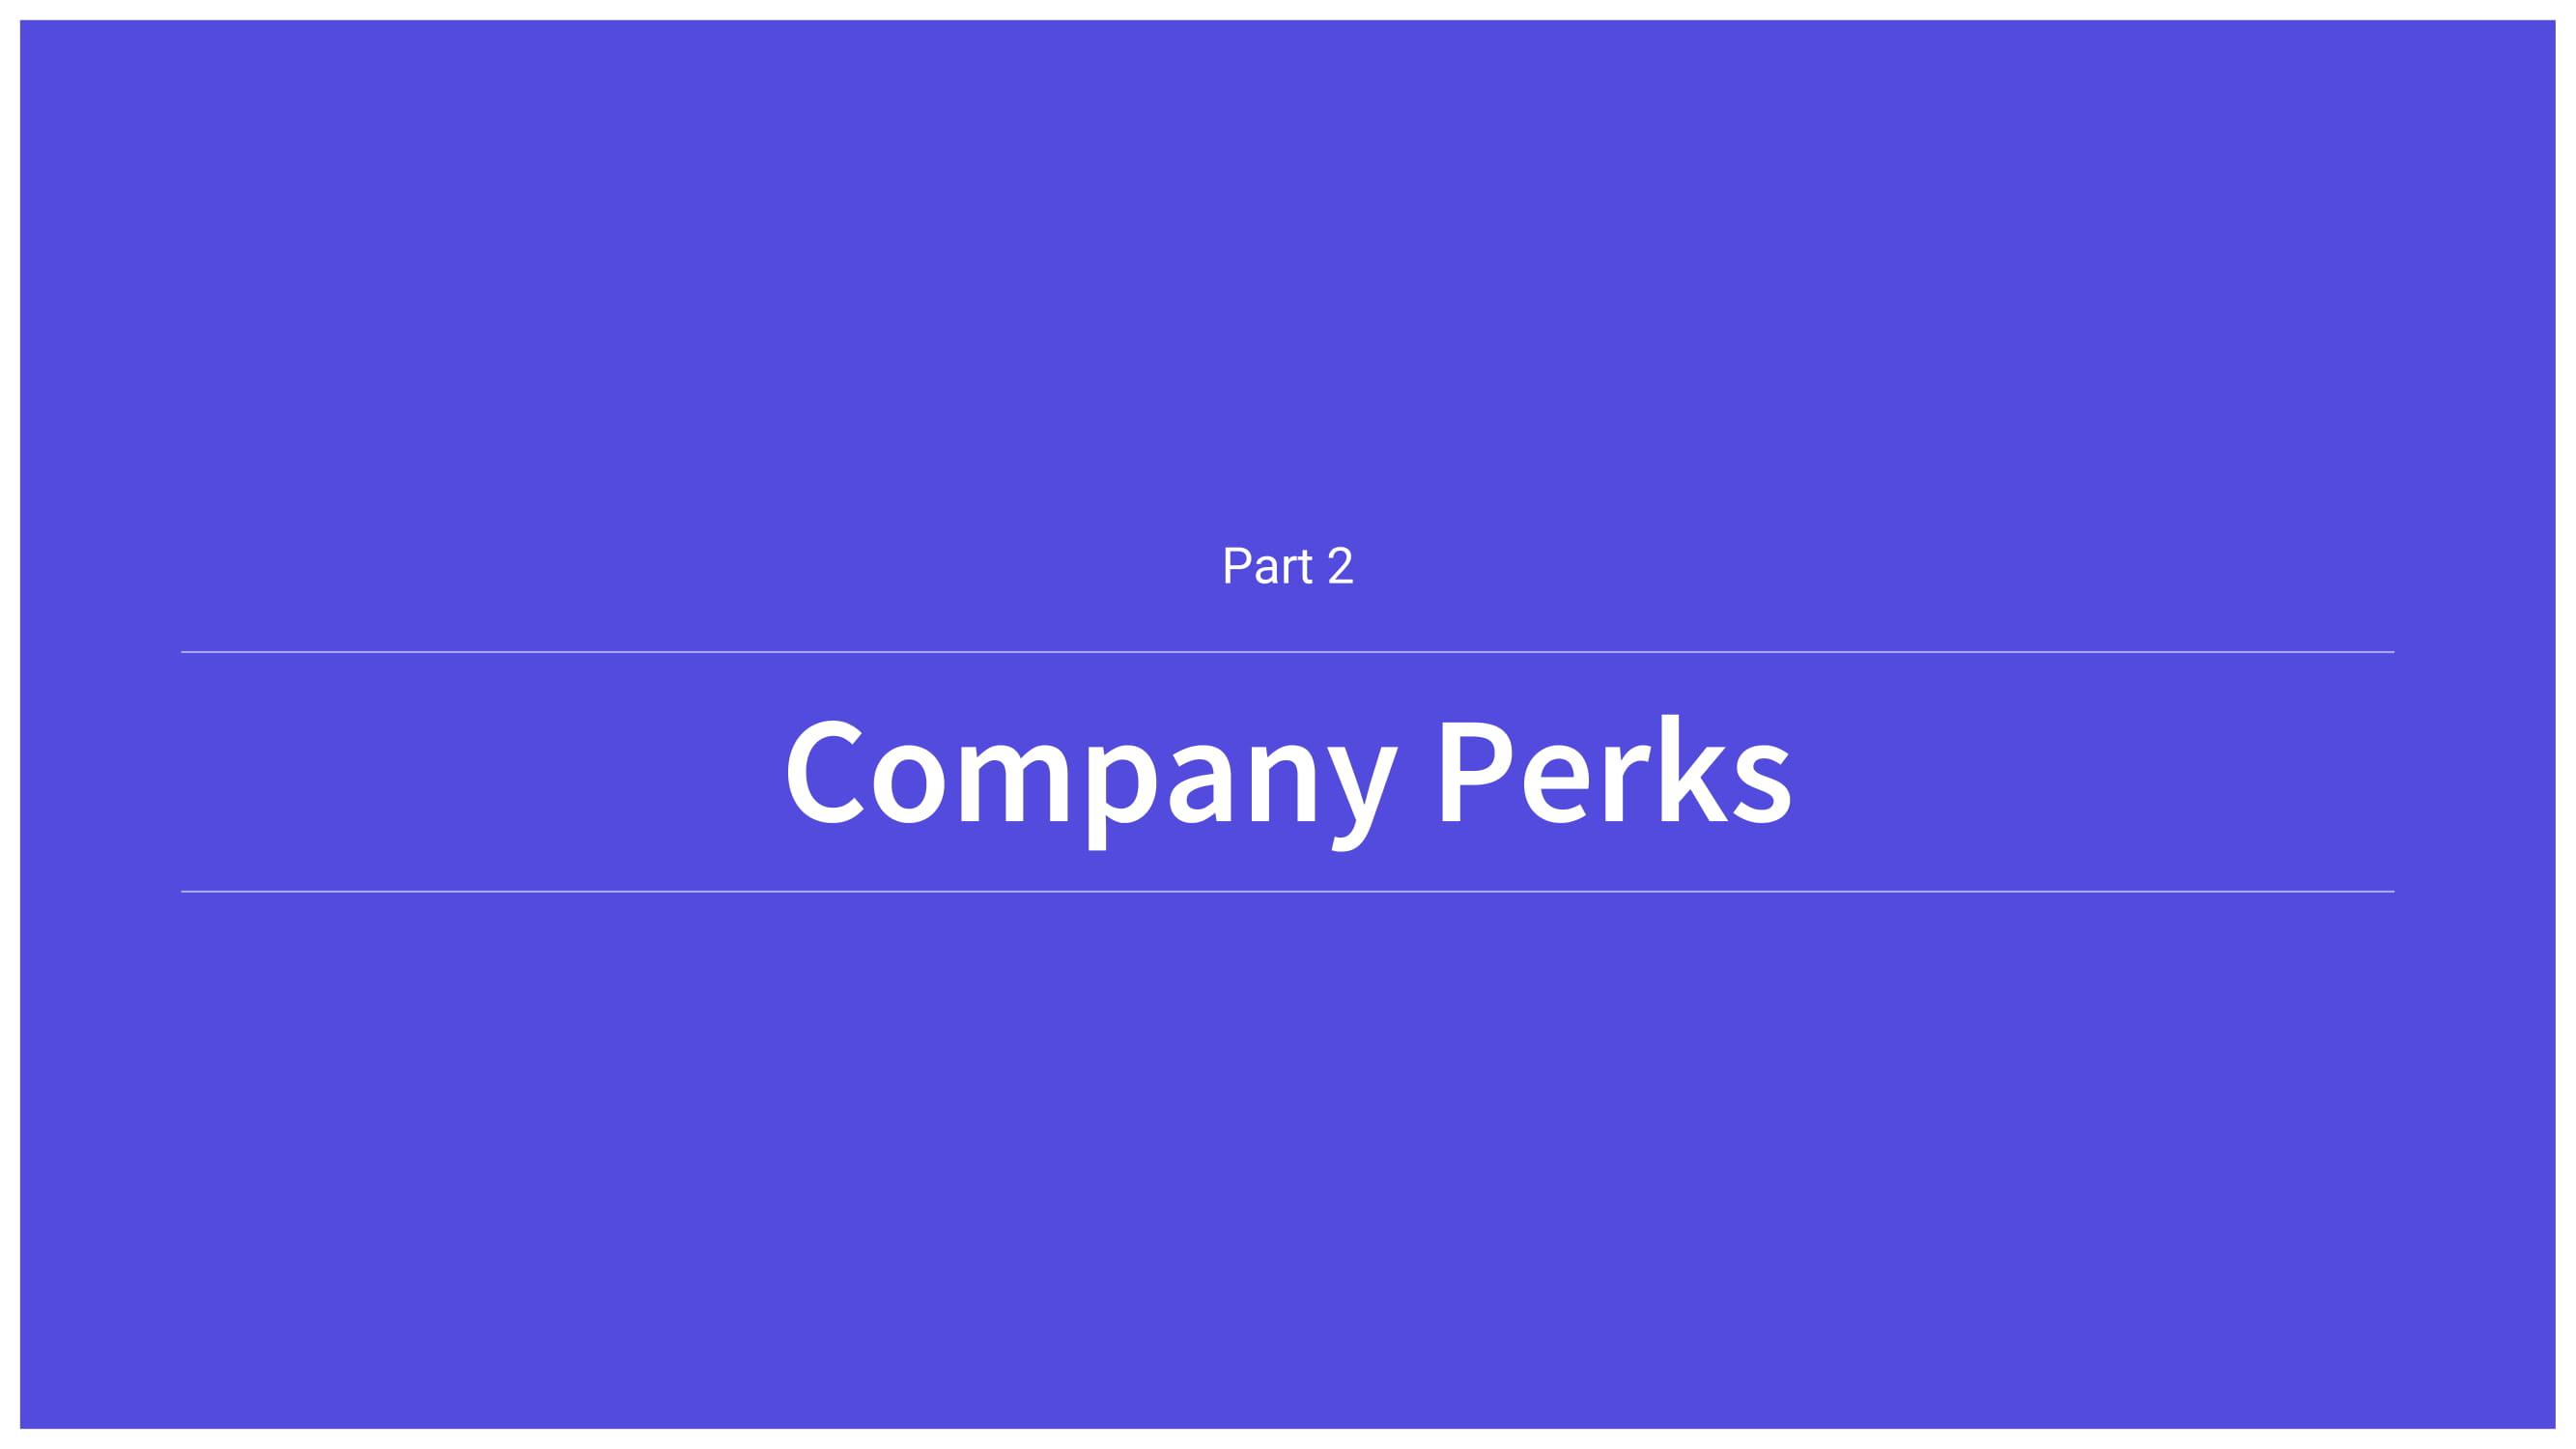 COMPANY PERKS